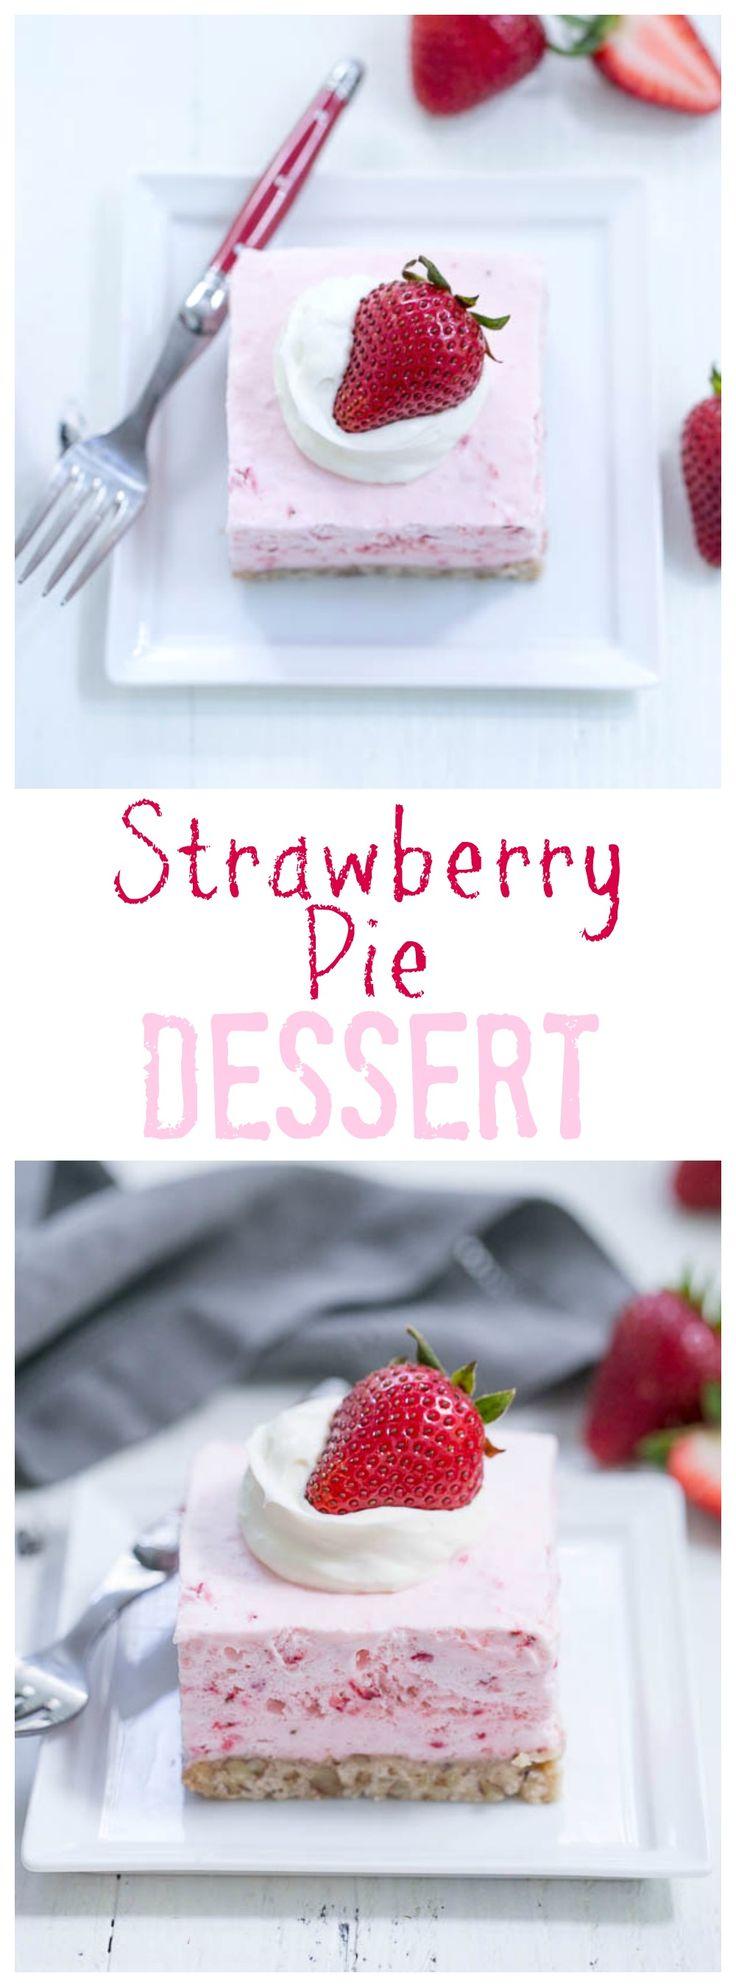 Mile High Strawberry Pie Dessert. #summer #berries